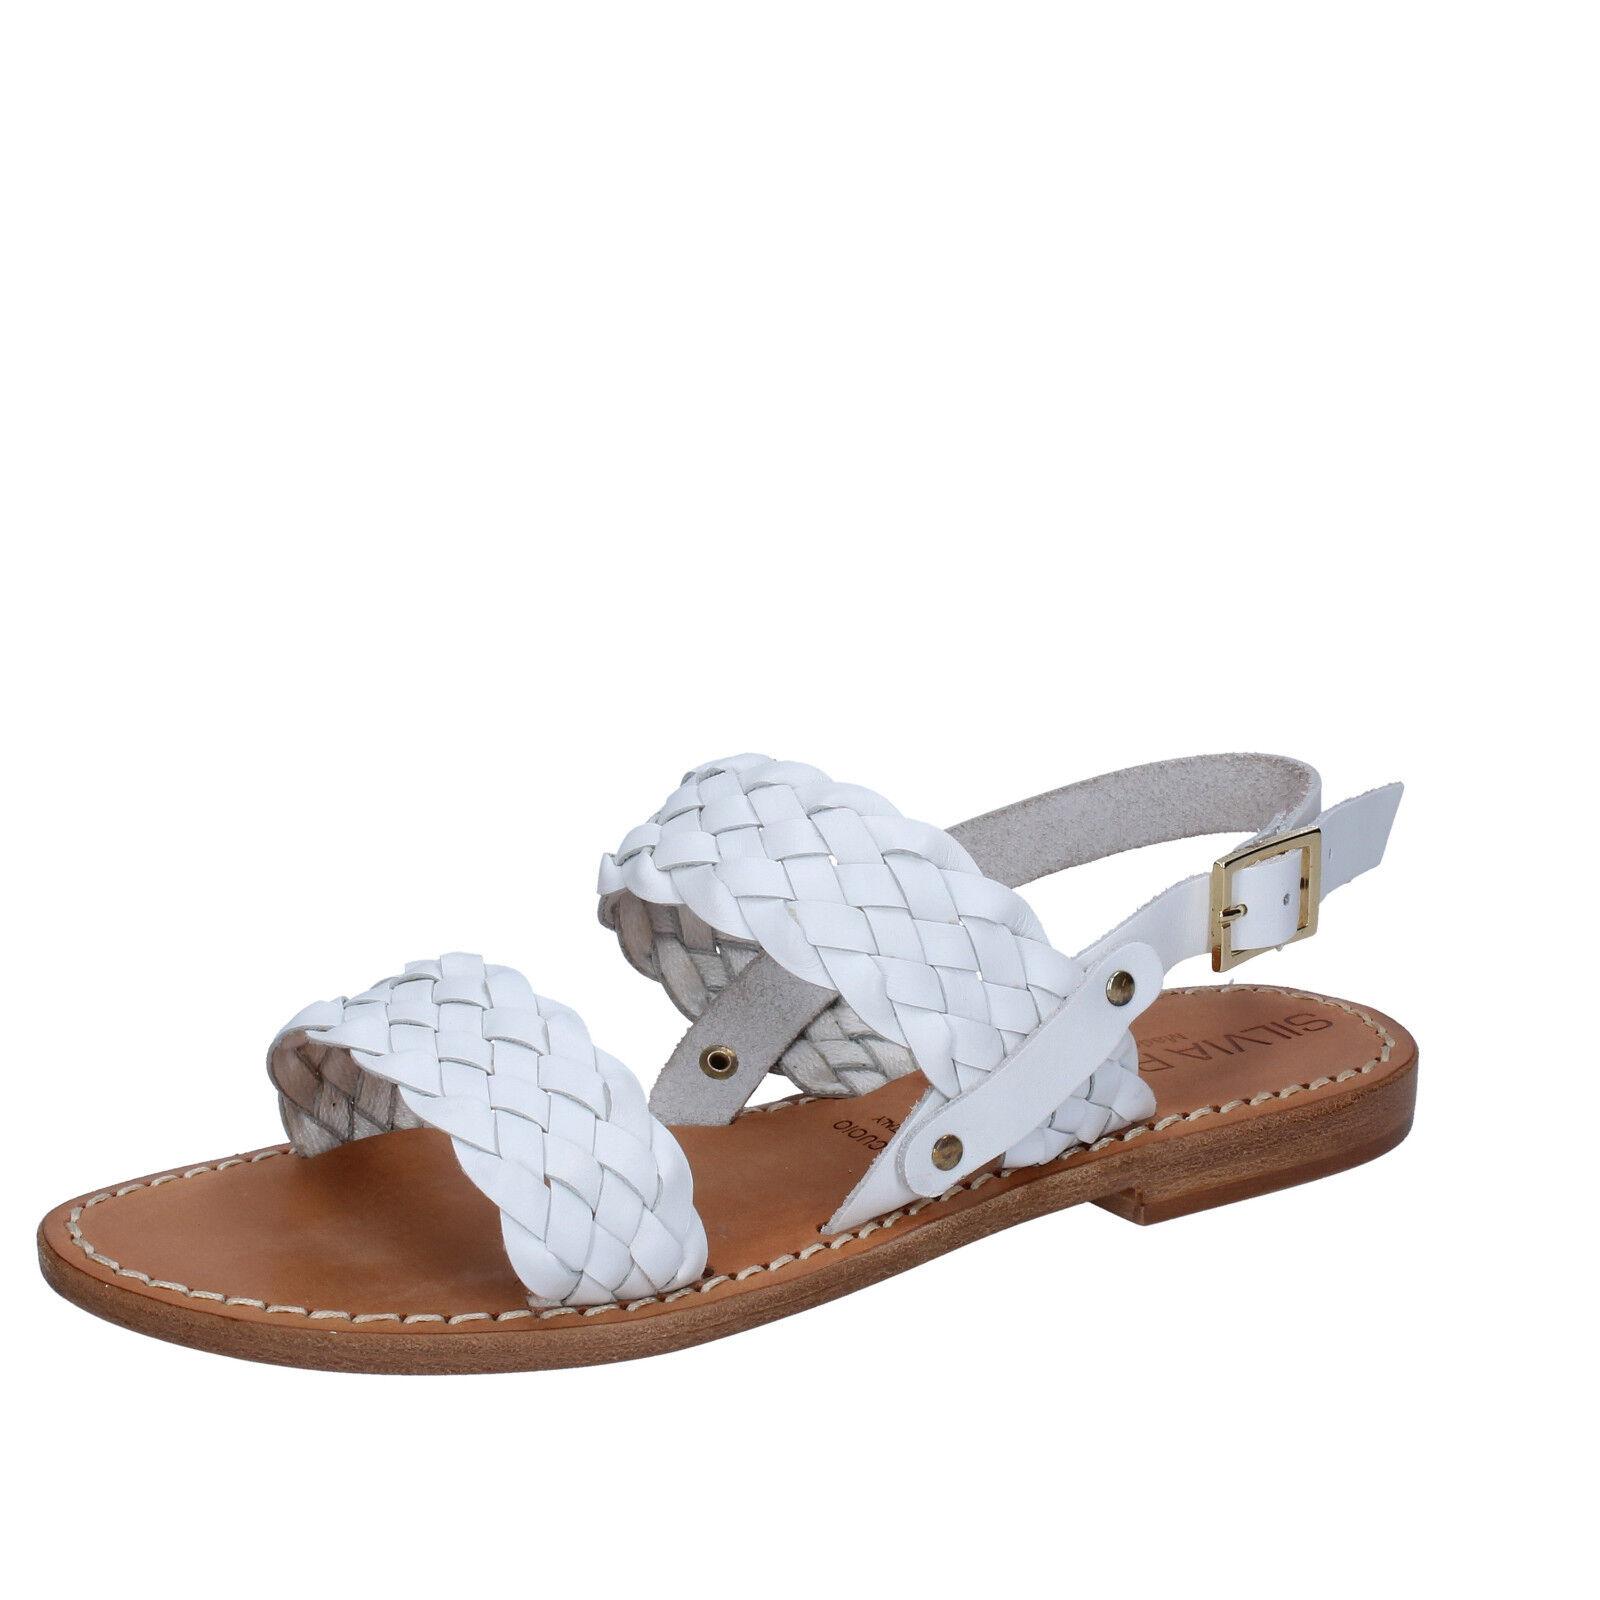 Damen schuhe SILVIA ROSSINI 35 EU sandalen weiß leder BZ582-B